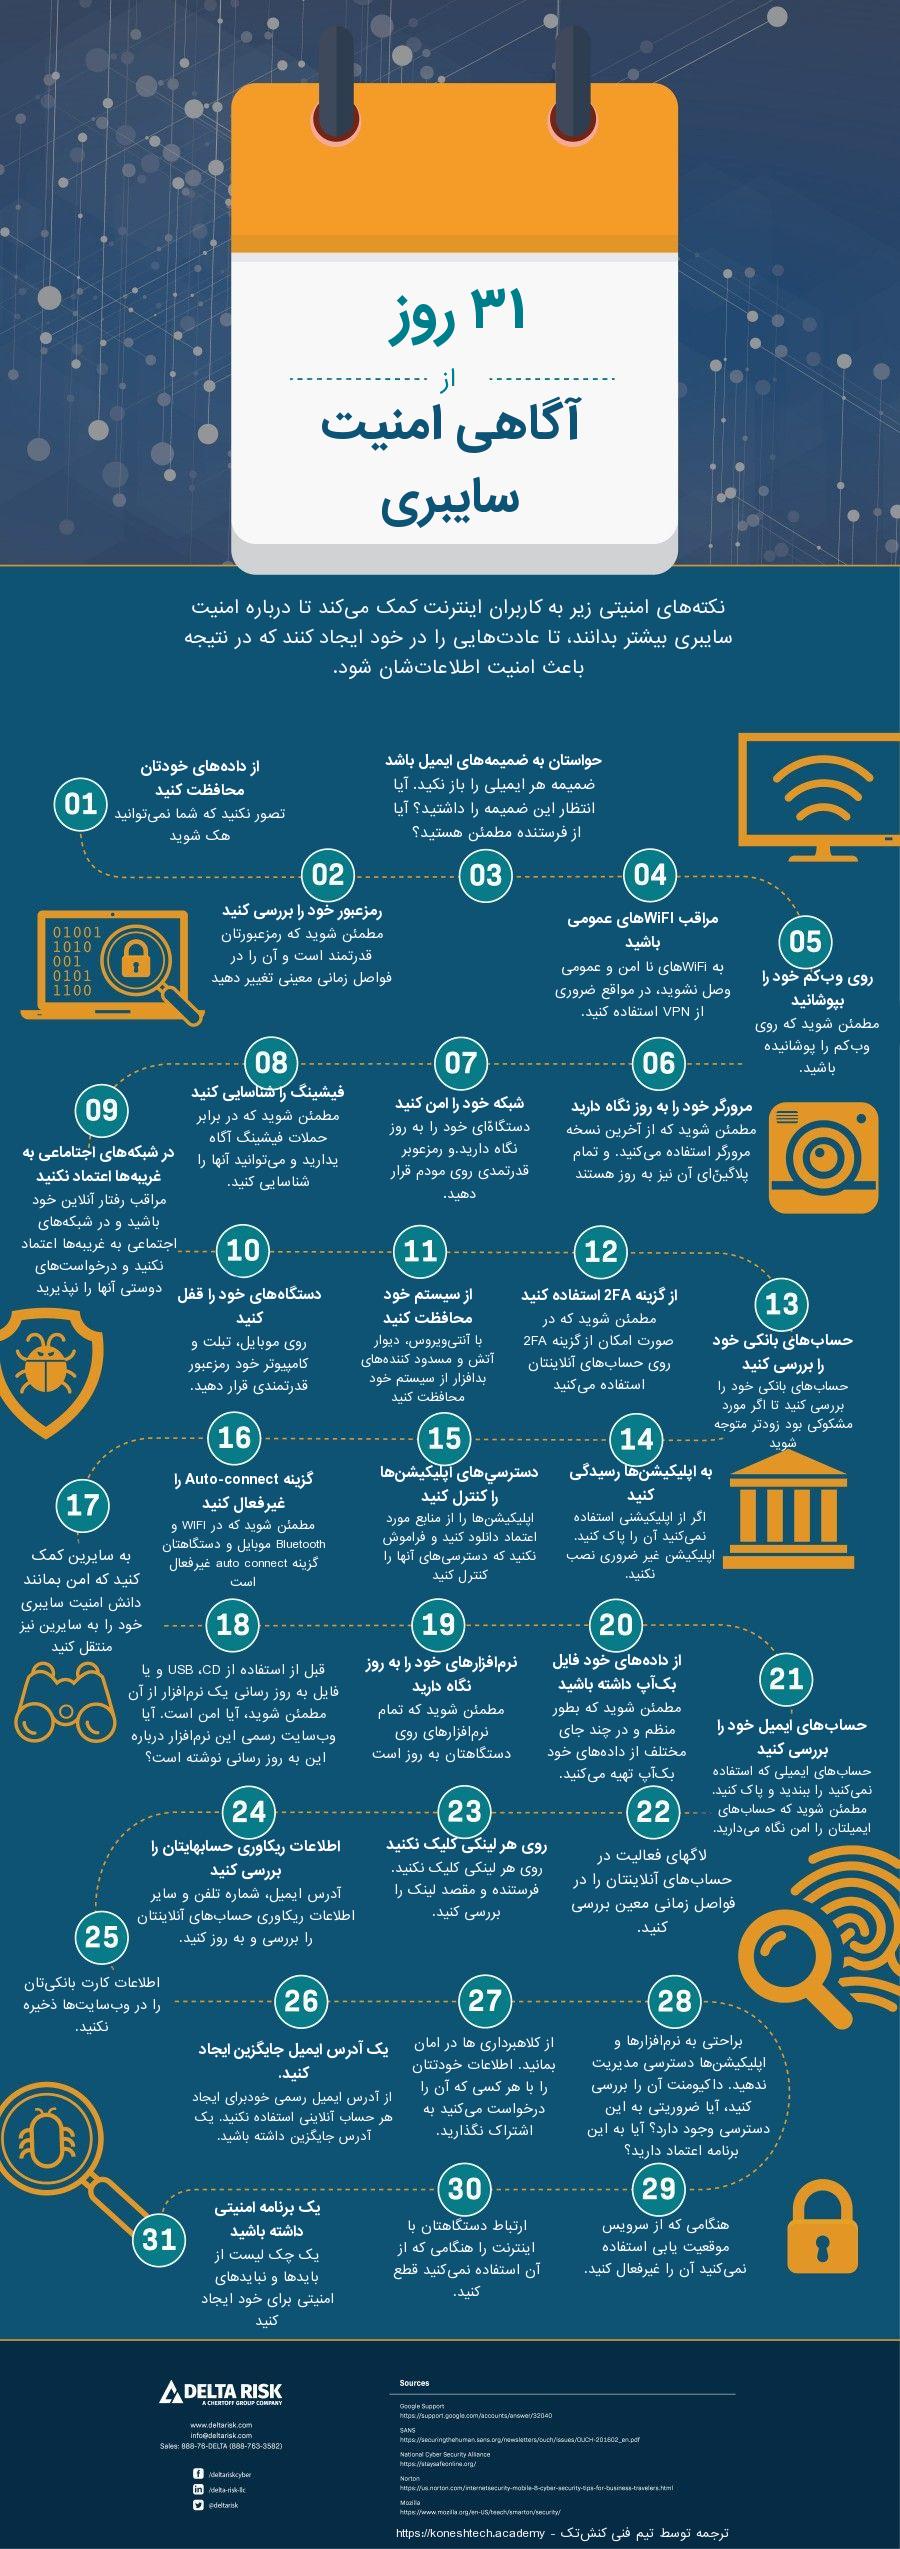 اینفوگرافیک ۳۱ روز از امنیت سایبری